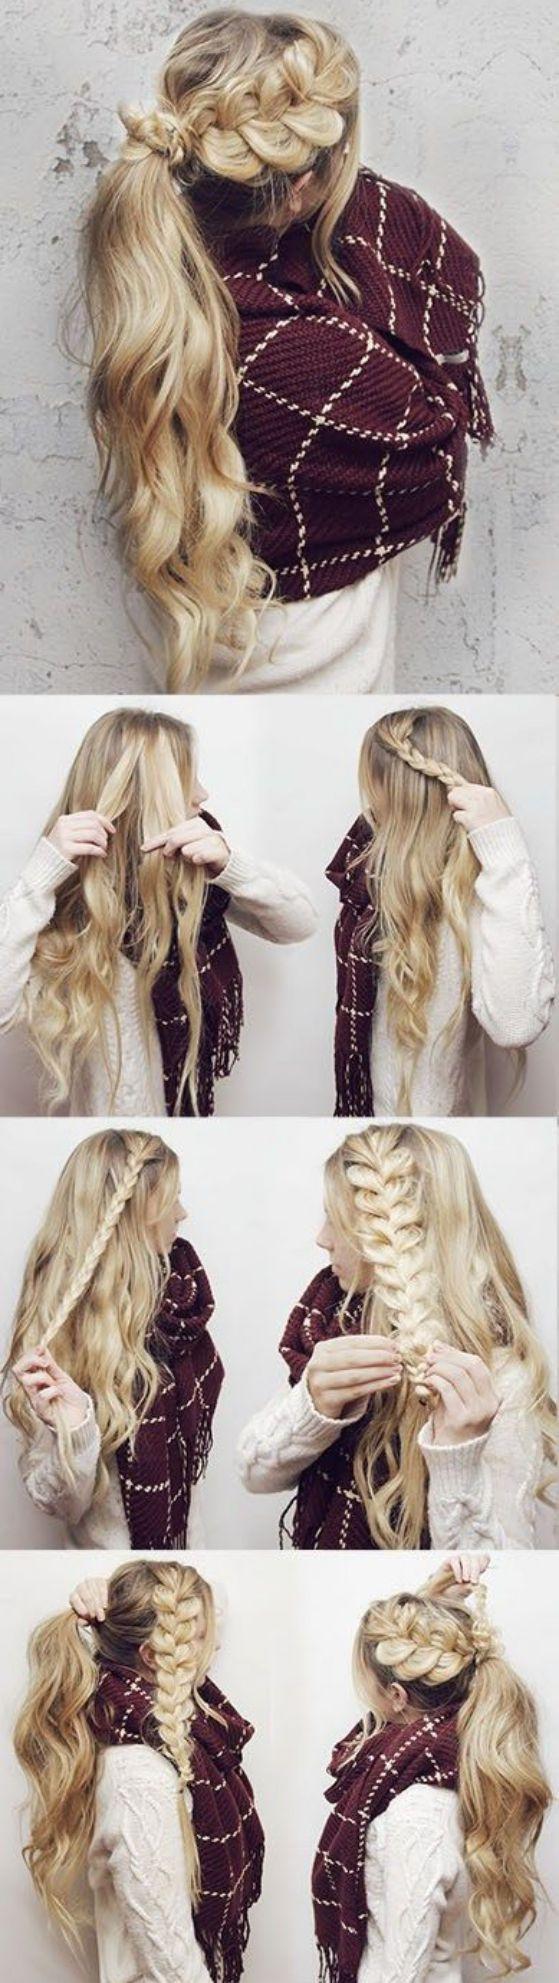 Tipos de peinados para pelo largo que te harán ver bellisima hair